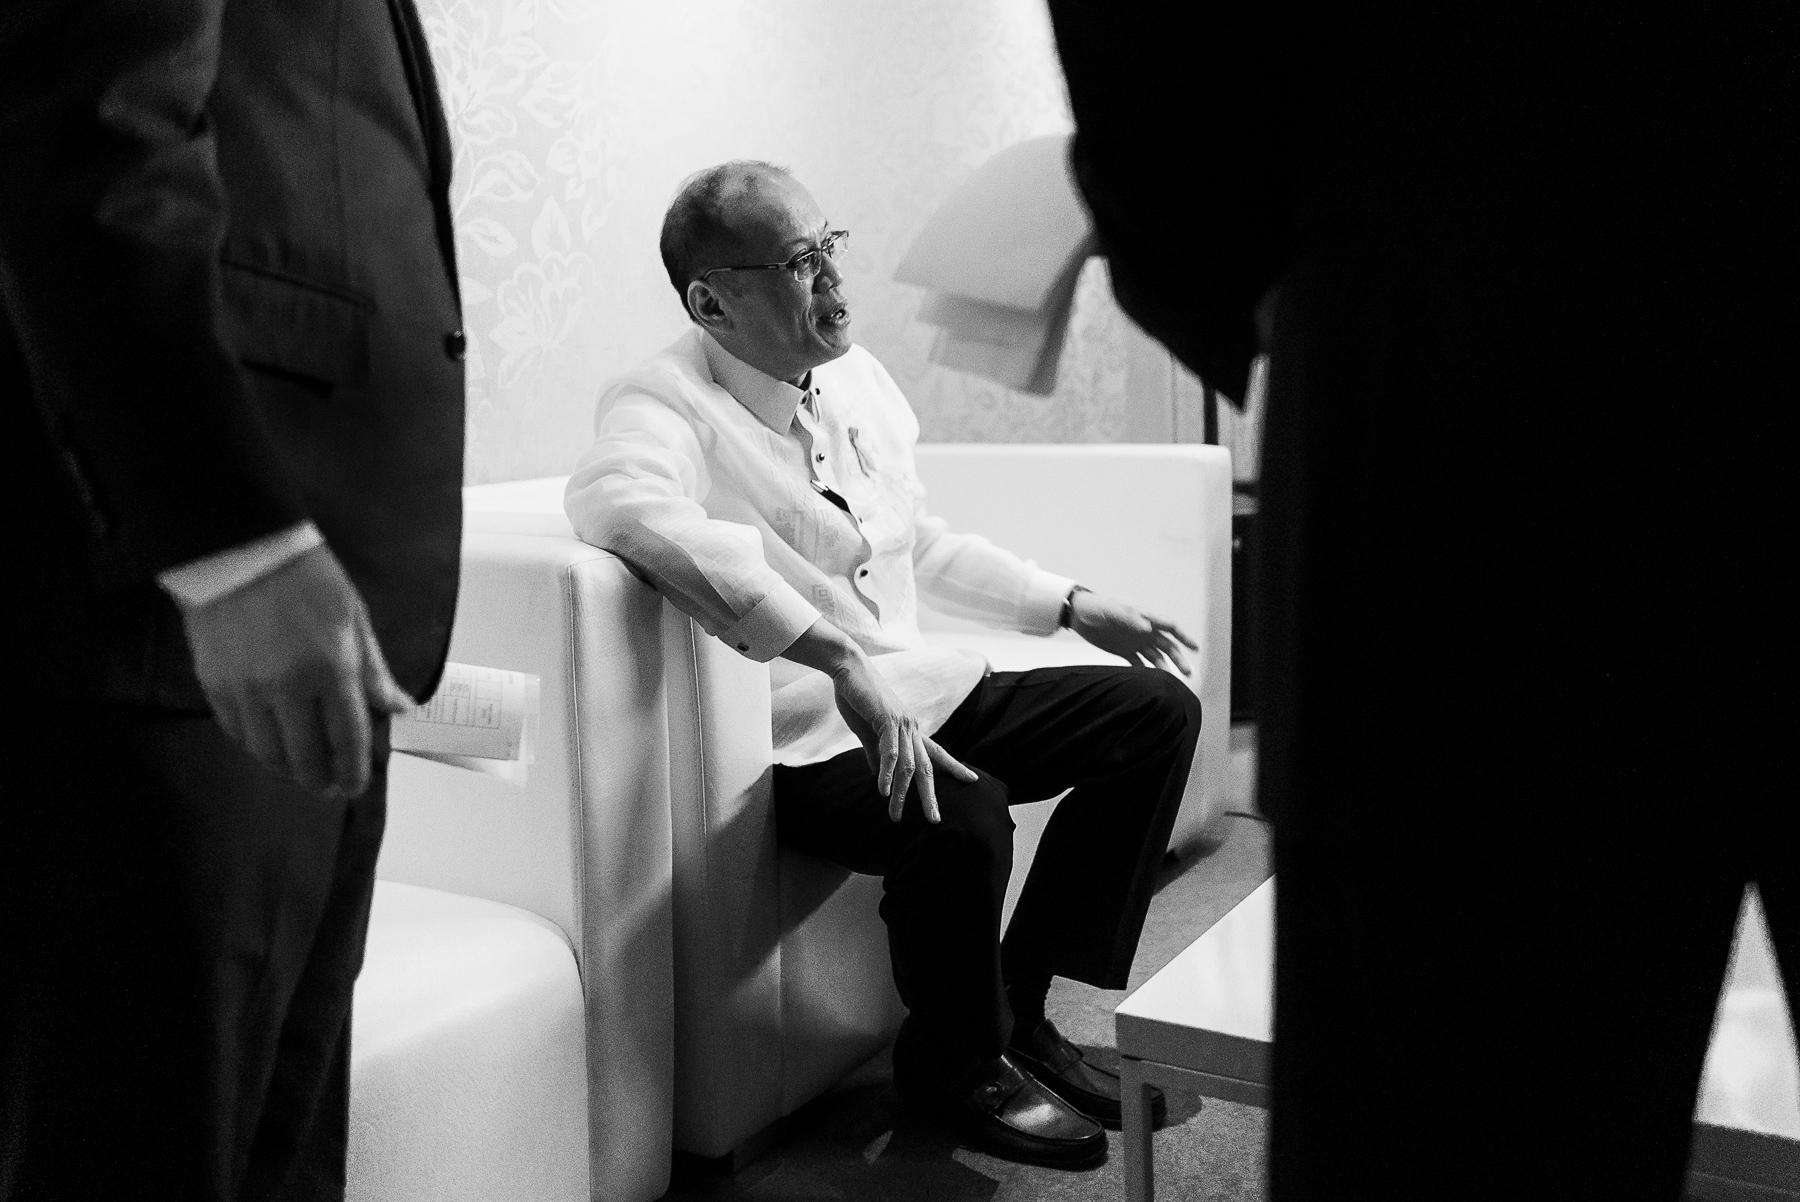 President Benigno Aquino III of Philippines